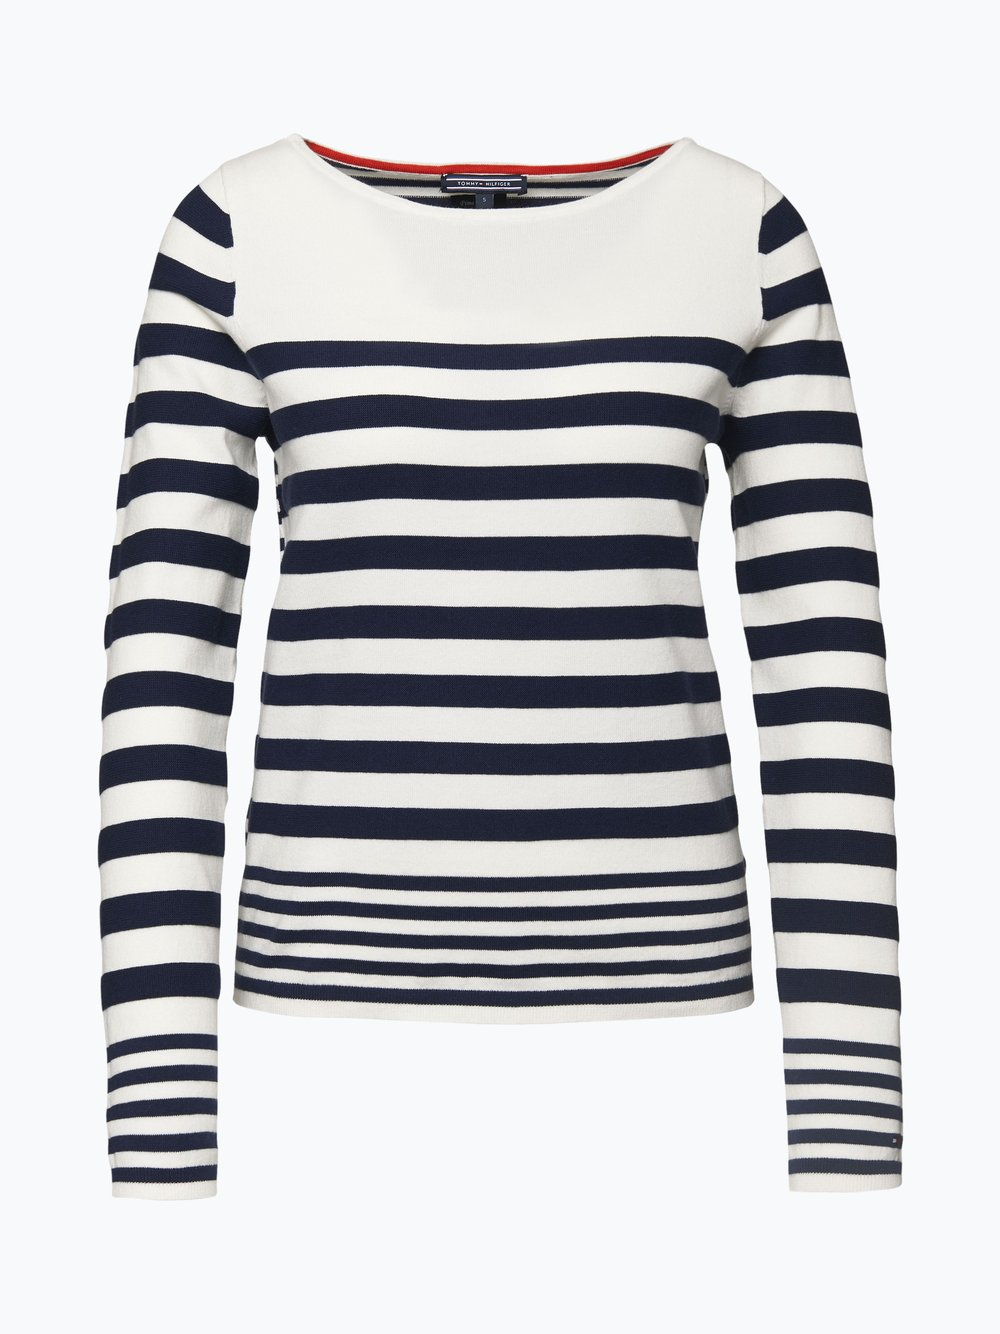 half off f2428 28e36 Tommy Hilfiger Damen Pullover - Ivy online kaufen   PEEK-UND ...